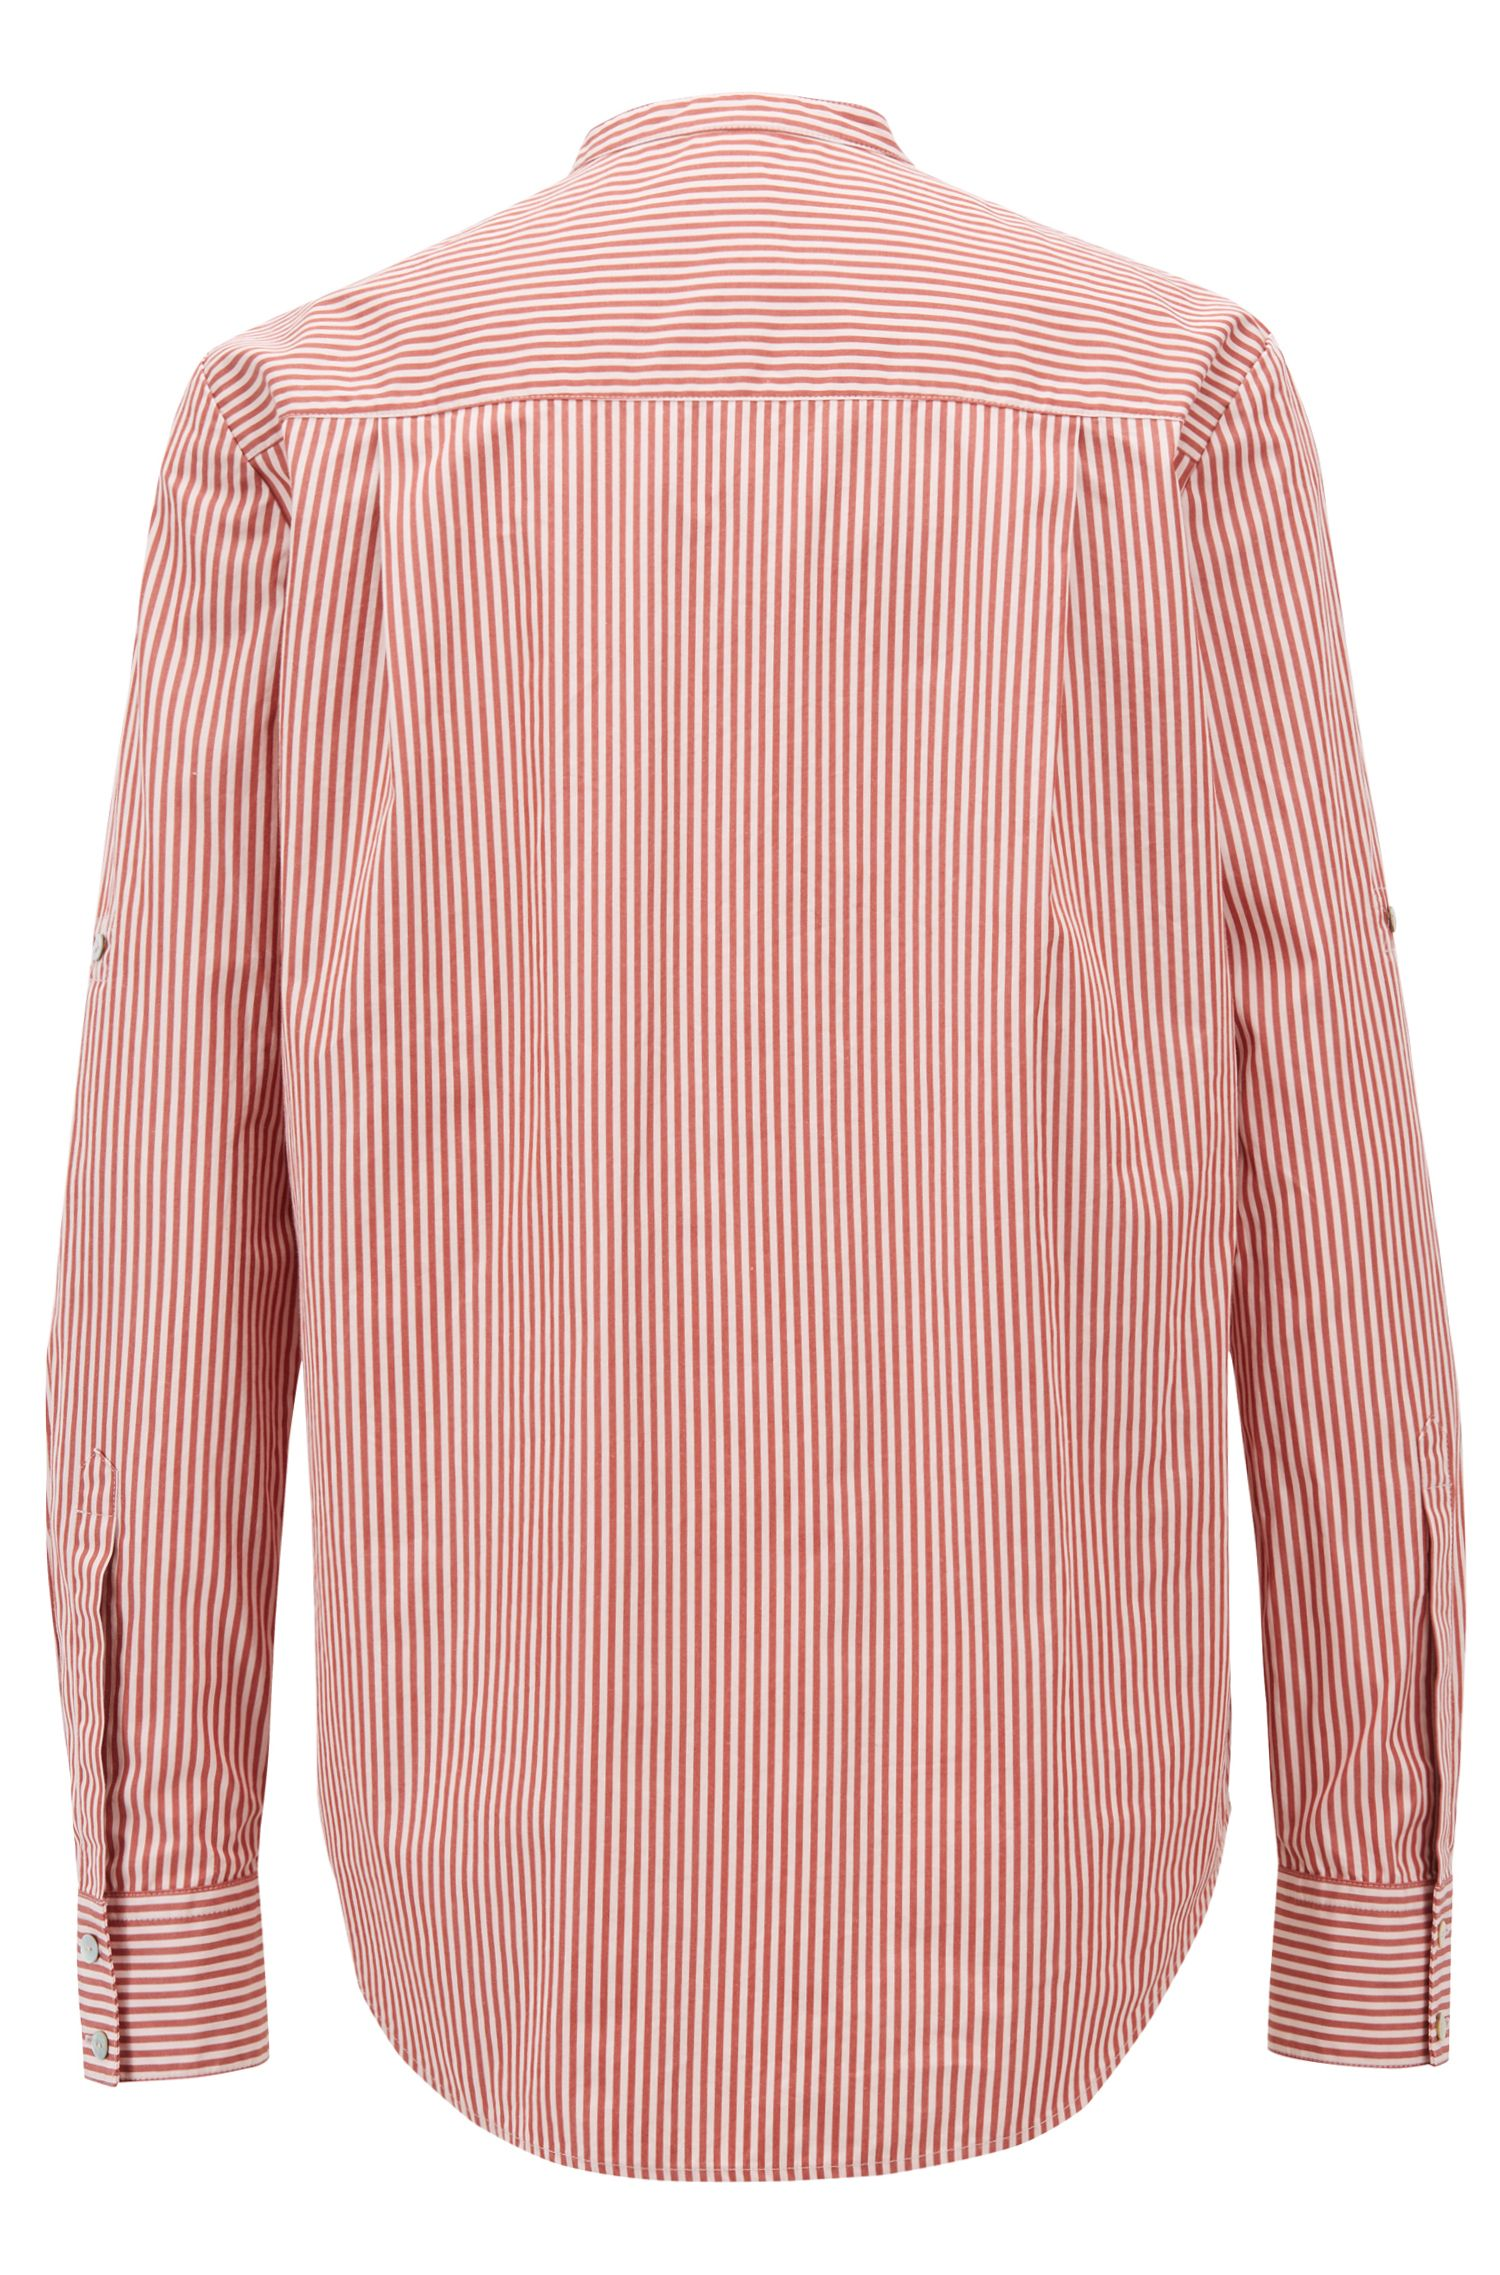 Hugo Boss - Relaxed-Fit Bluse aus gestreifter Baumwolle mit Stehkragen - 3